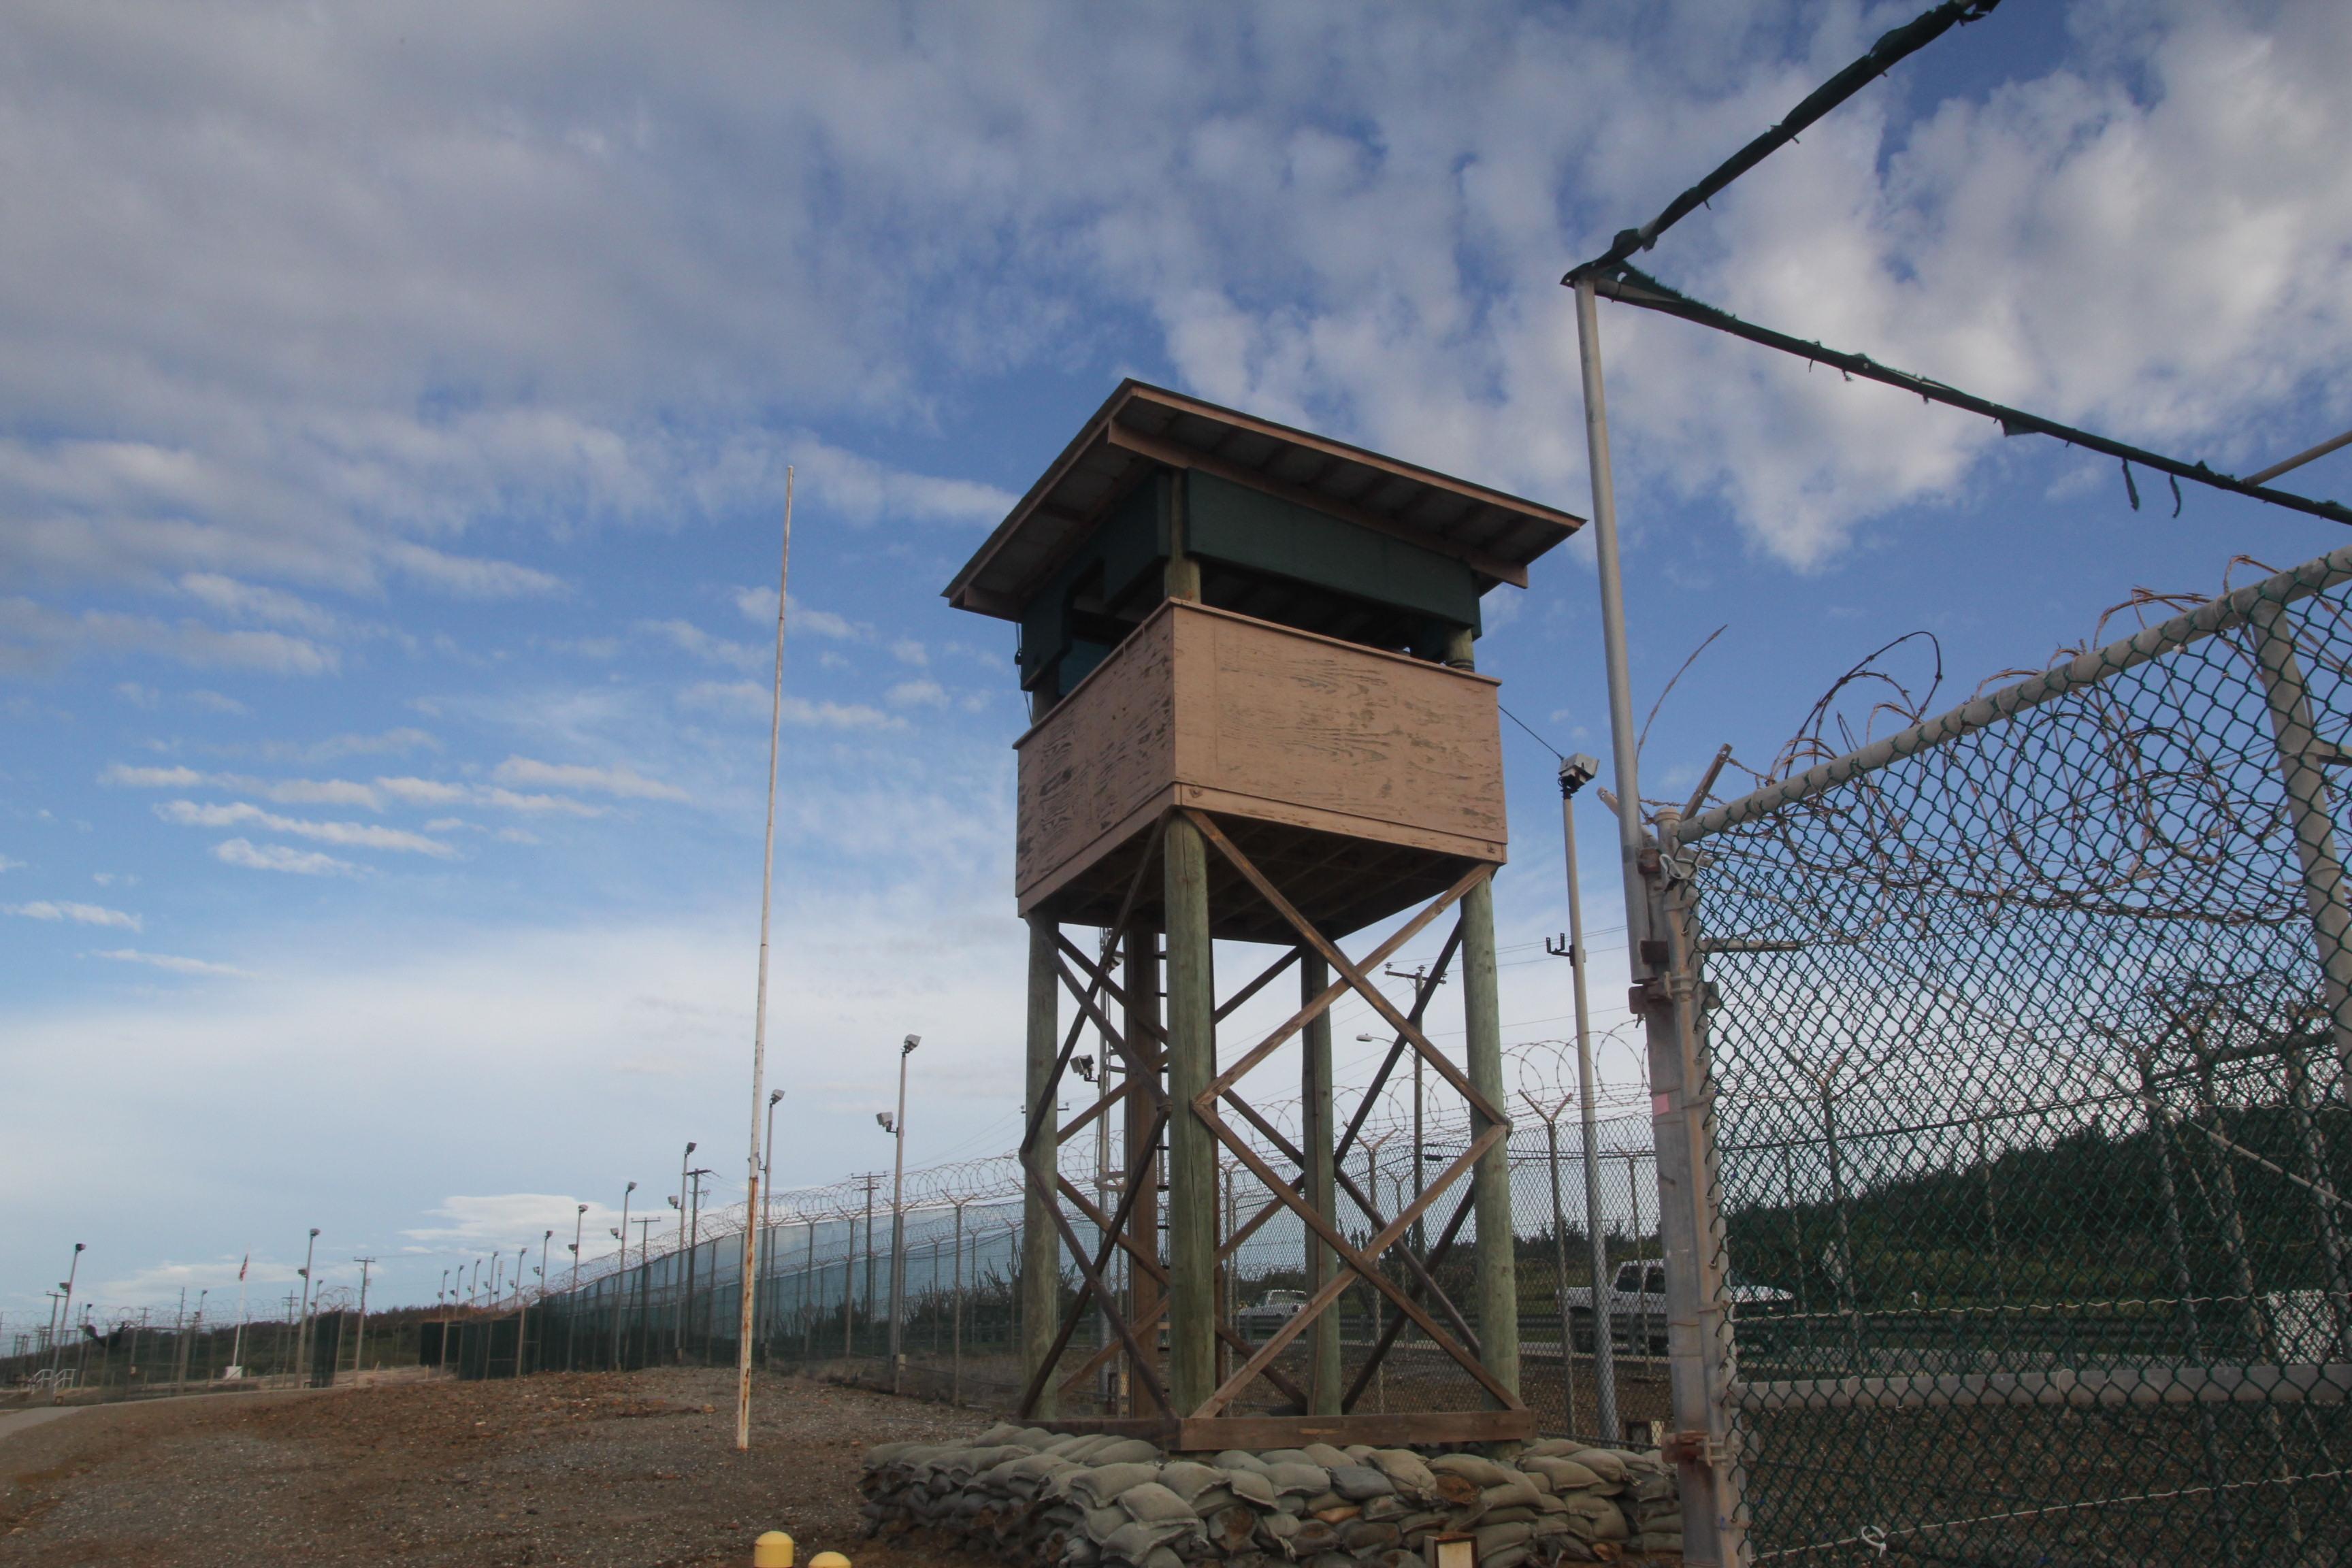 A watchtower at Guantanamo Bay.